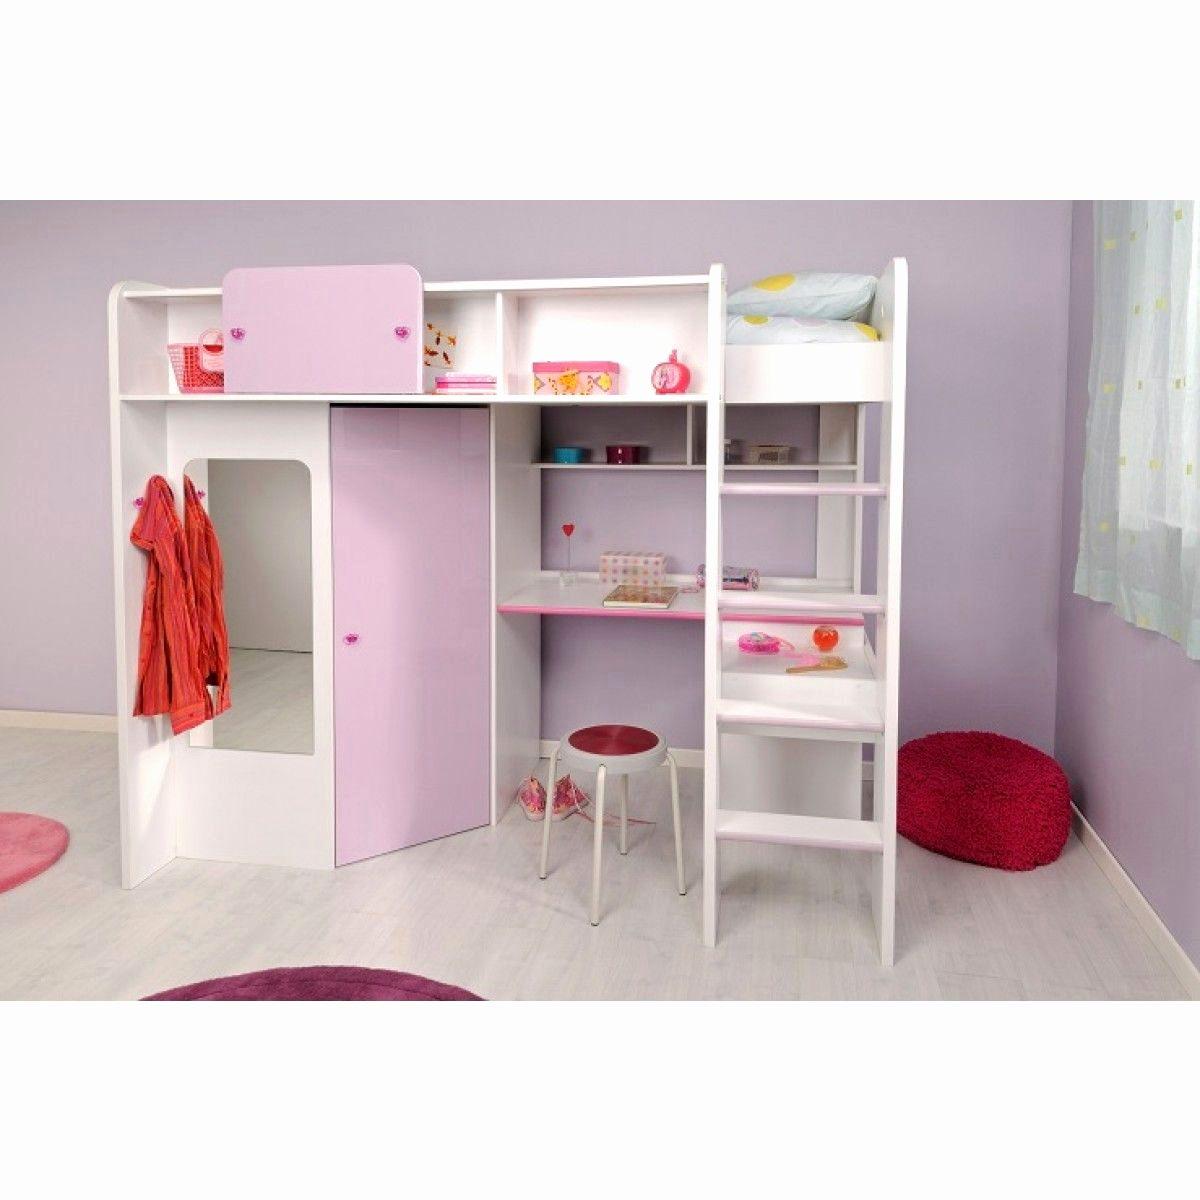 Lit Ikea Rangement Le Luxe Lit Mezzanine Avec Rangement Beau Lit Ikea Deux Places Place Avec